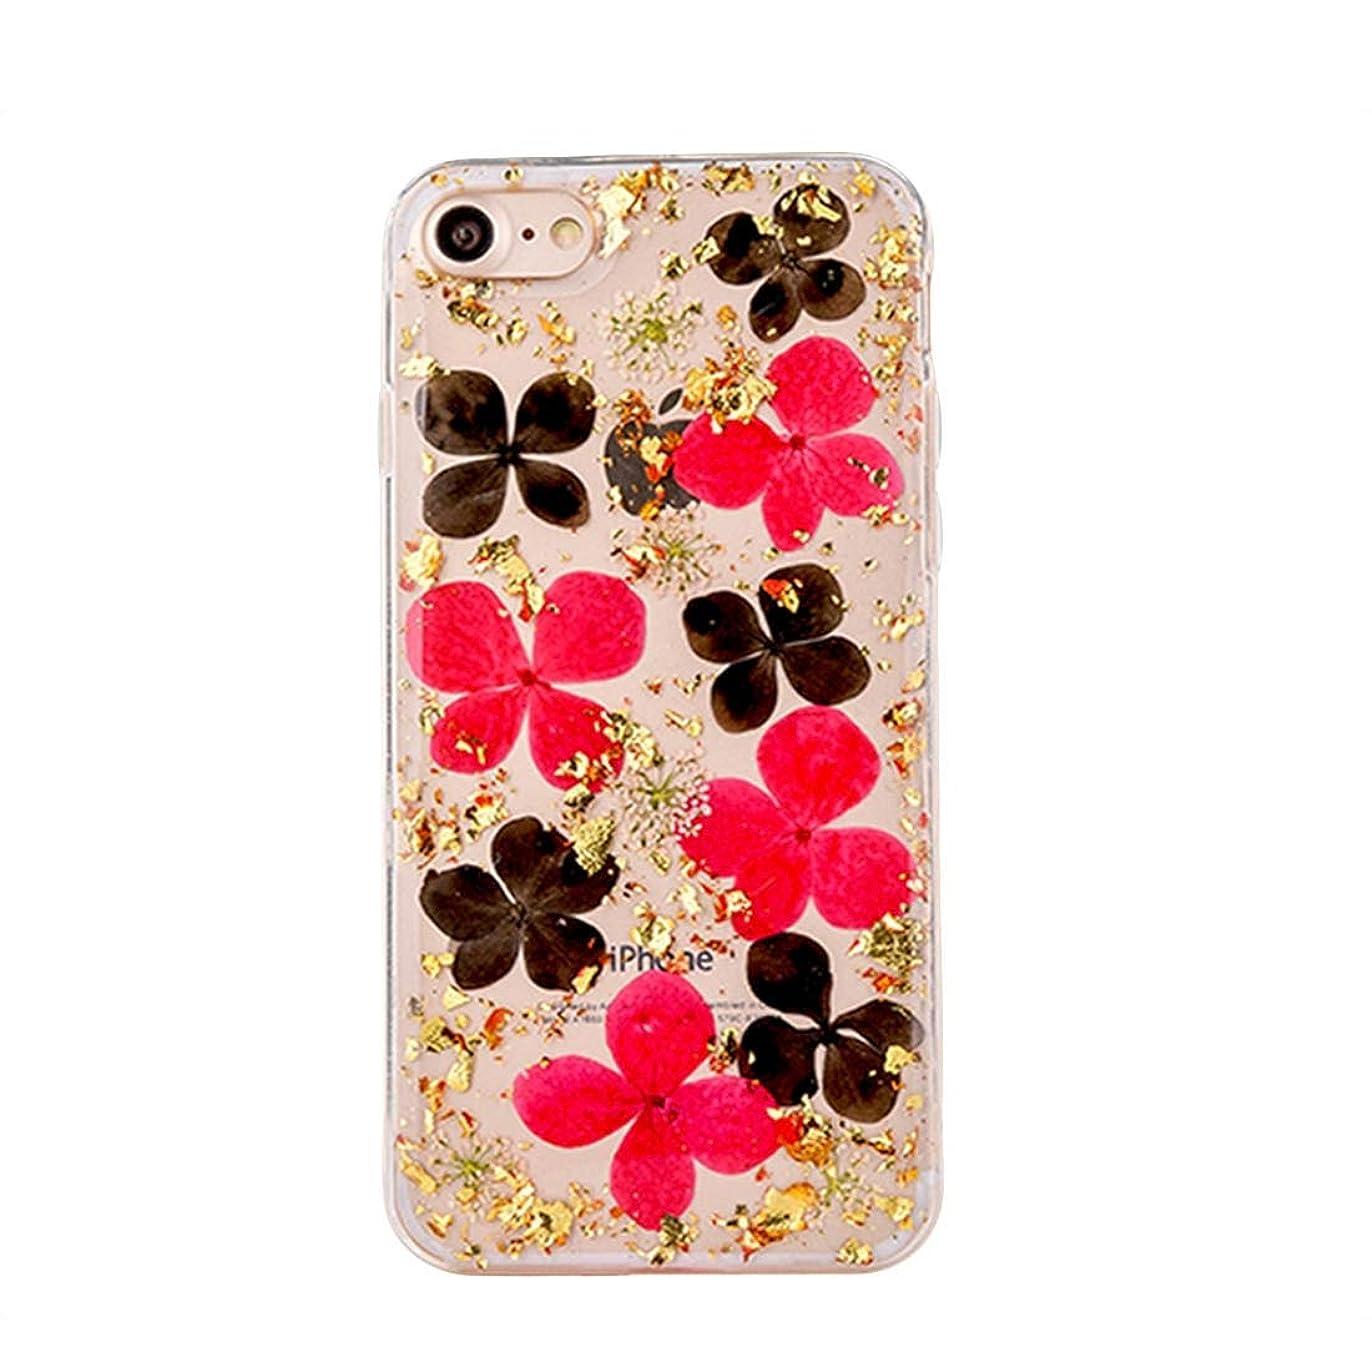 抵抗力がある鰐選択するYMF iPhone 8&7 Glitter Flower Gold Foilのための超スリムプロテクトバックカバーケース (Color : Color1)